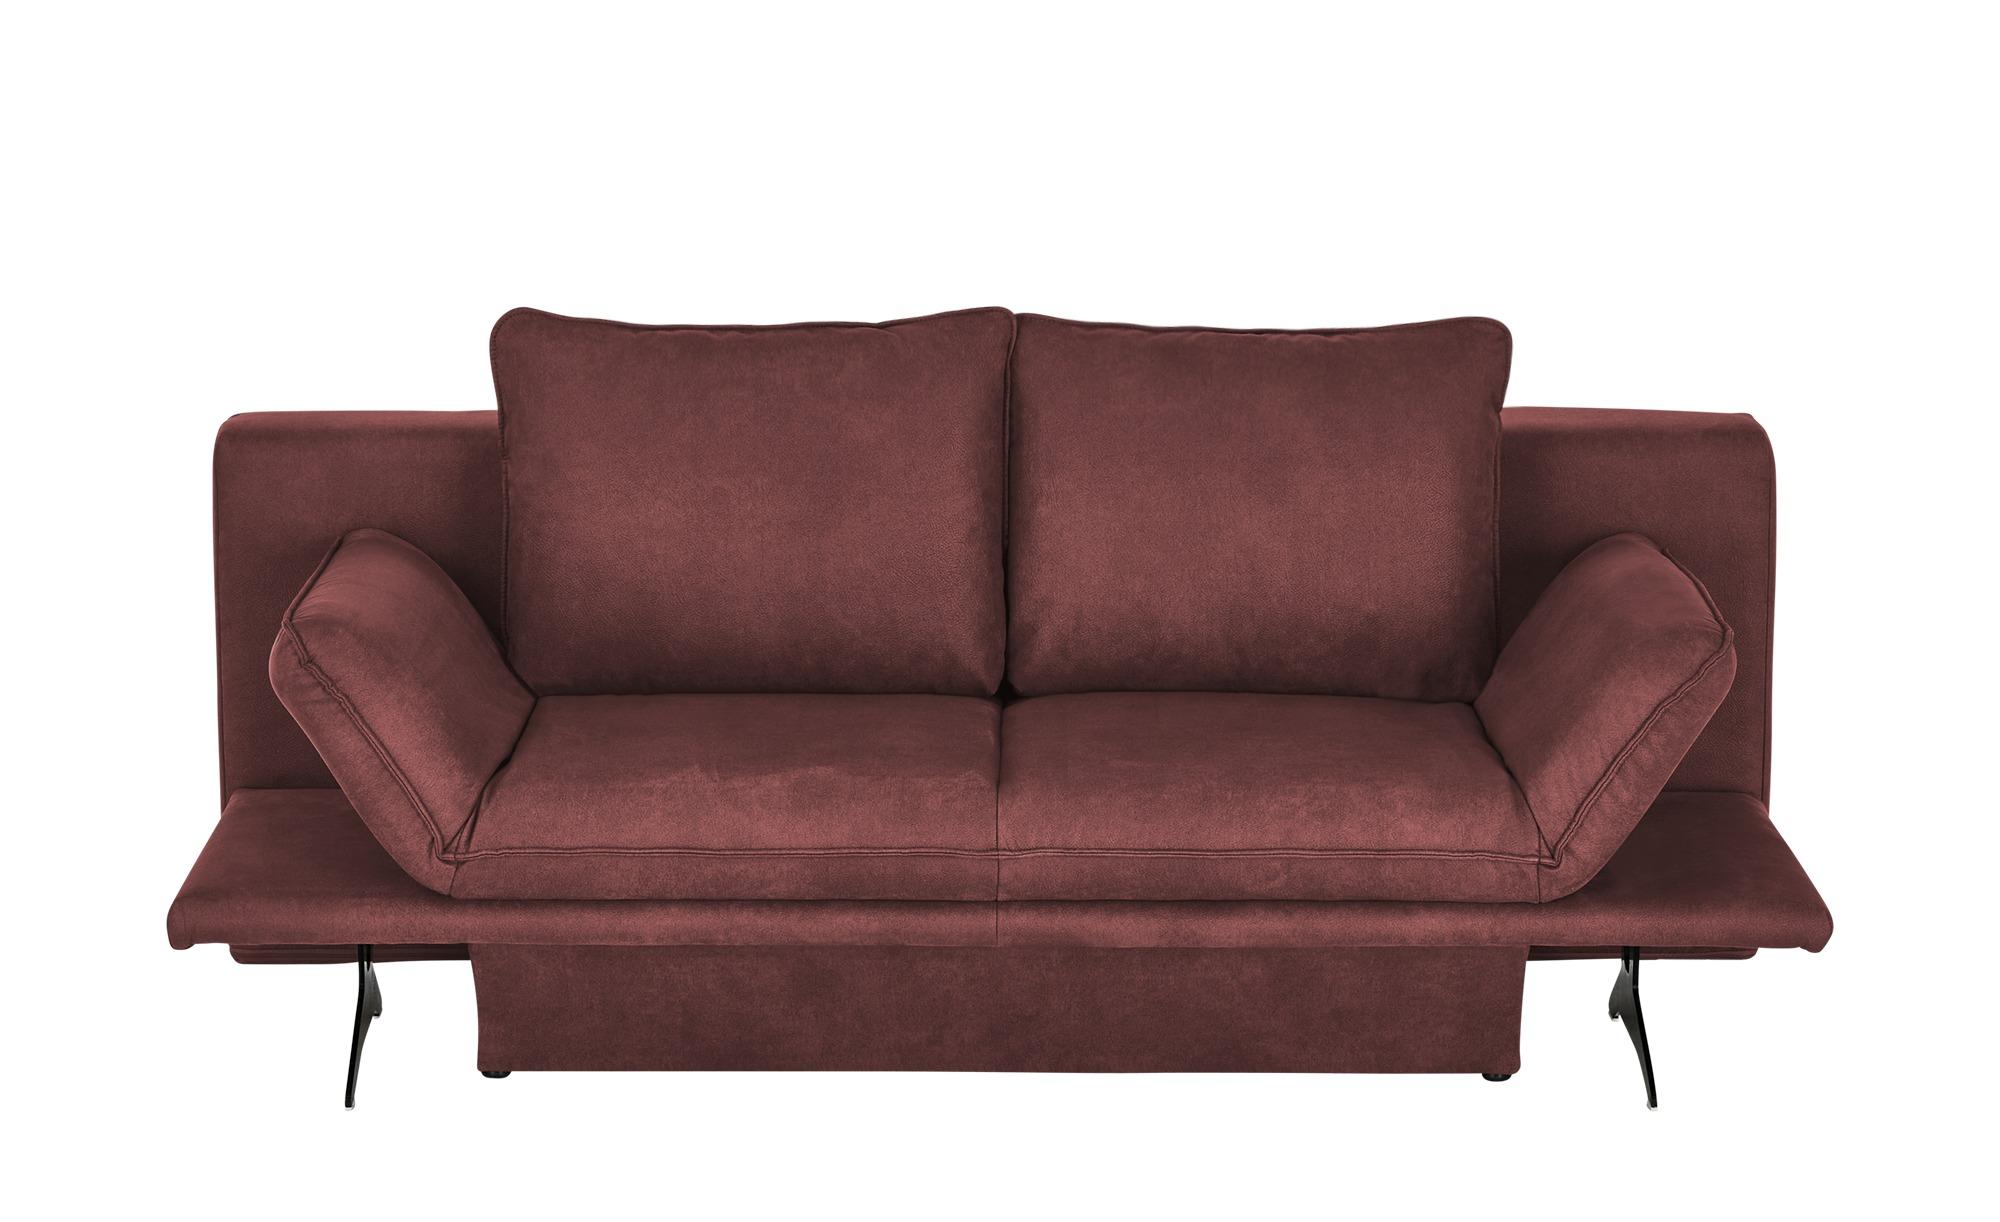 Schlafsofa  Mona ¦ rot ¦ Maße (cm): B: 211 H: 90 T: 101 Polstermöbel > Sofas > Einzelsofas - Höffner